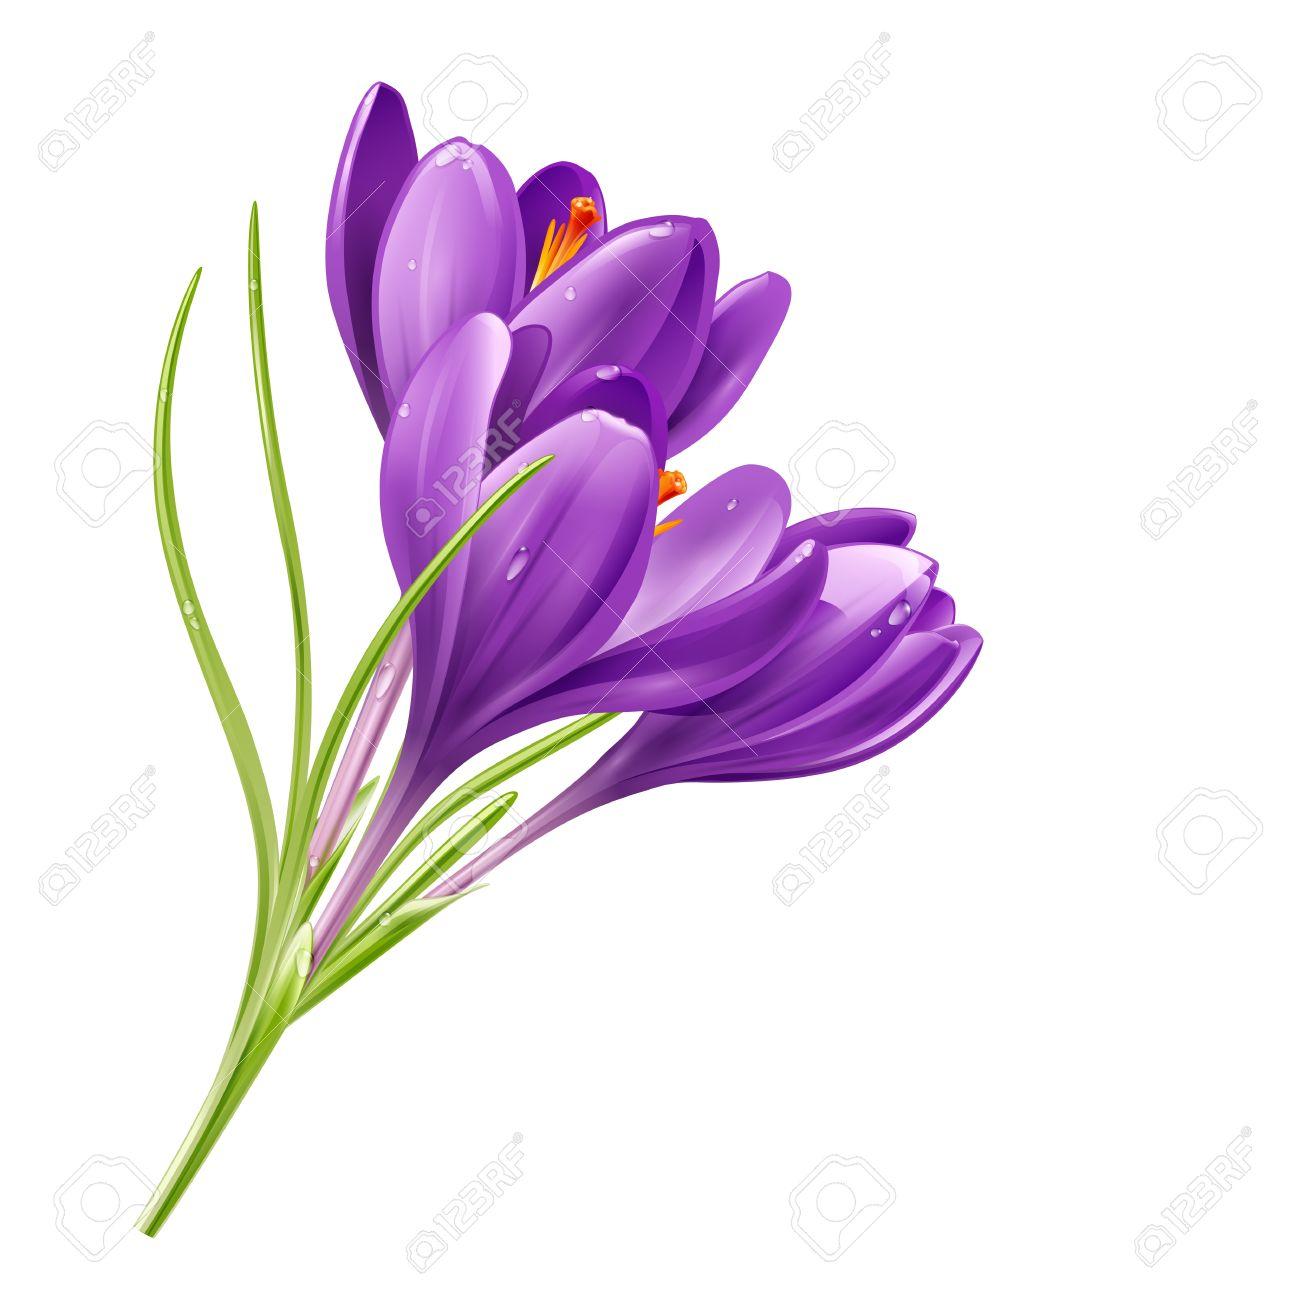 Crocus flower clipart.